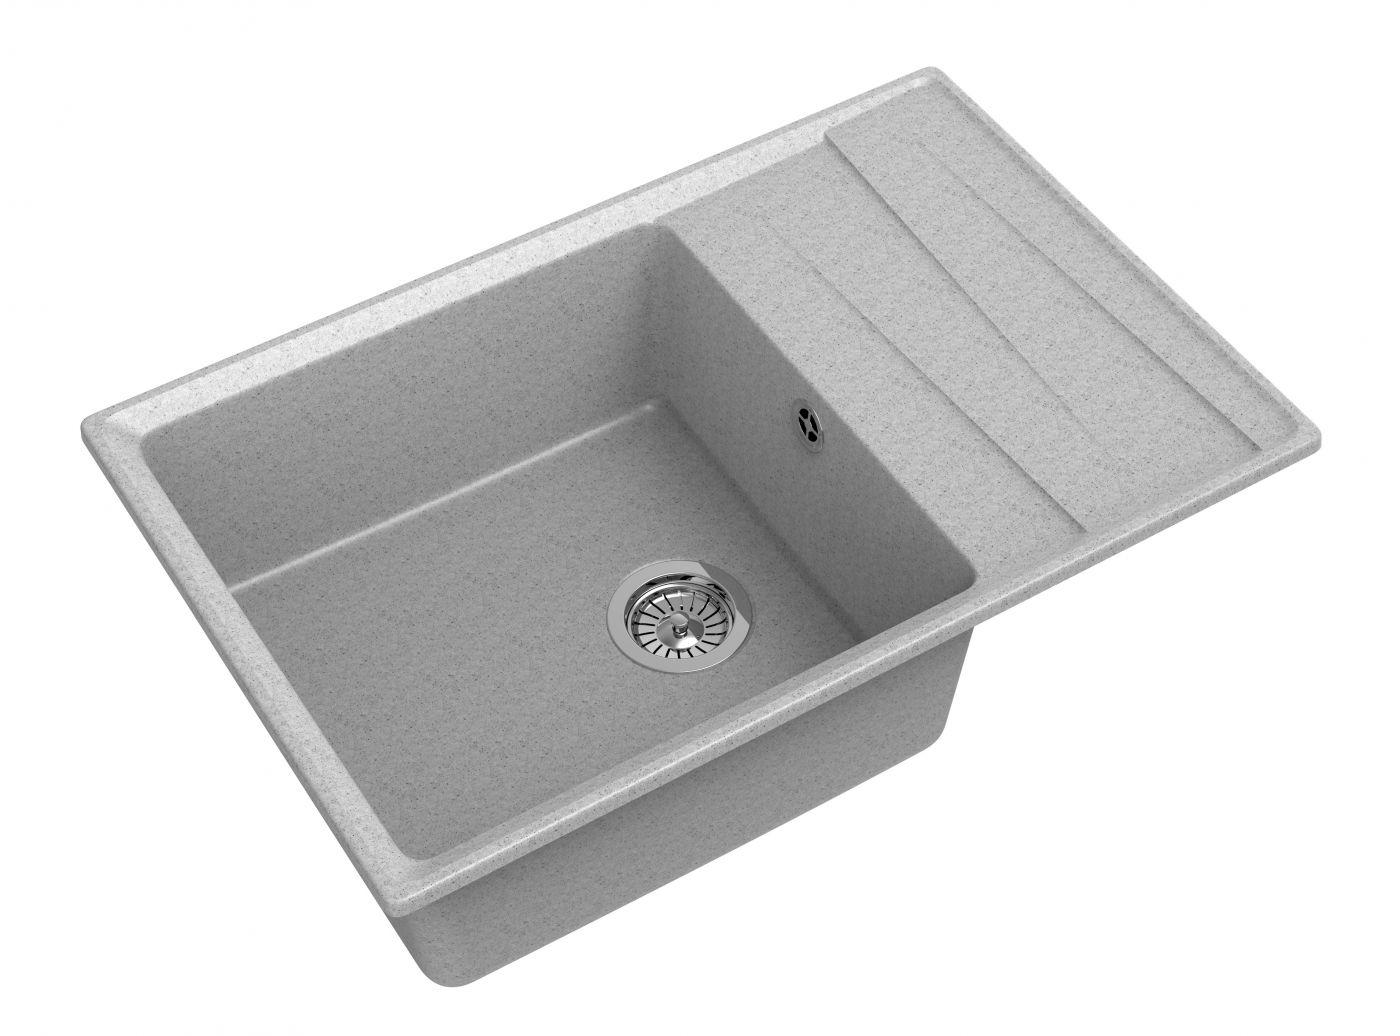 Мраморная мойка для кухни GranFest Level GF-LV760L Серый